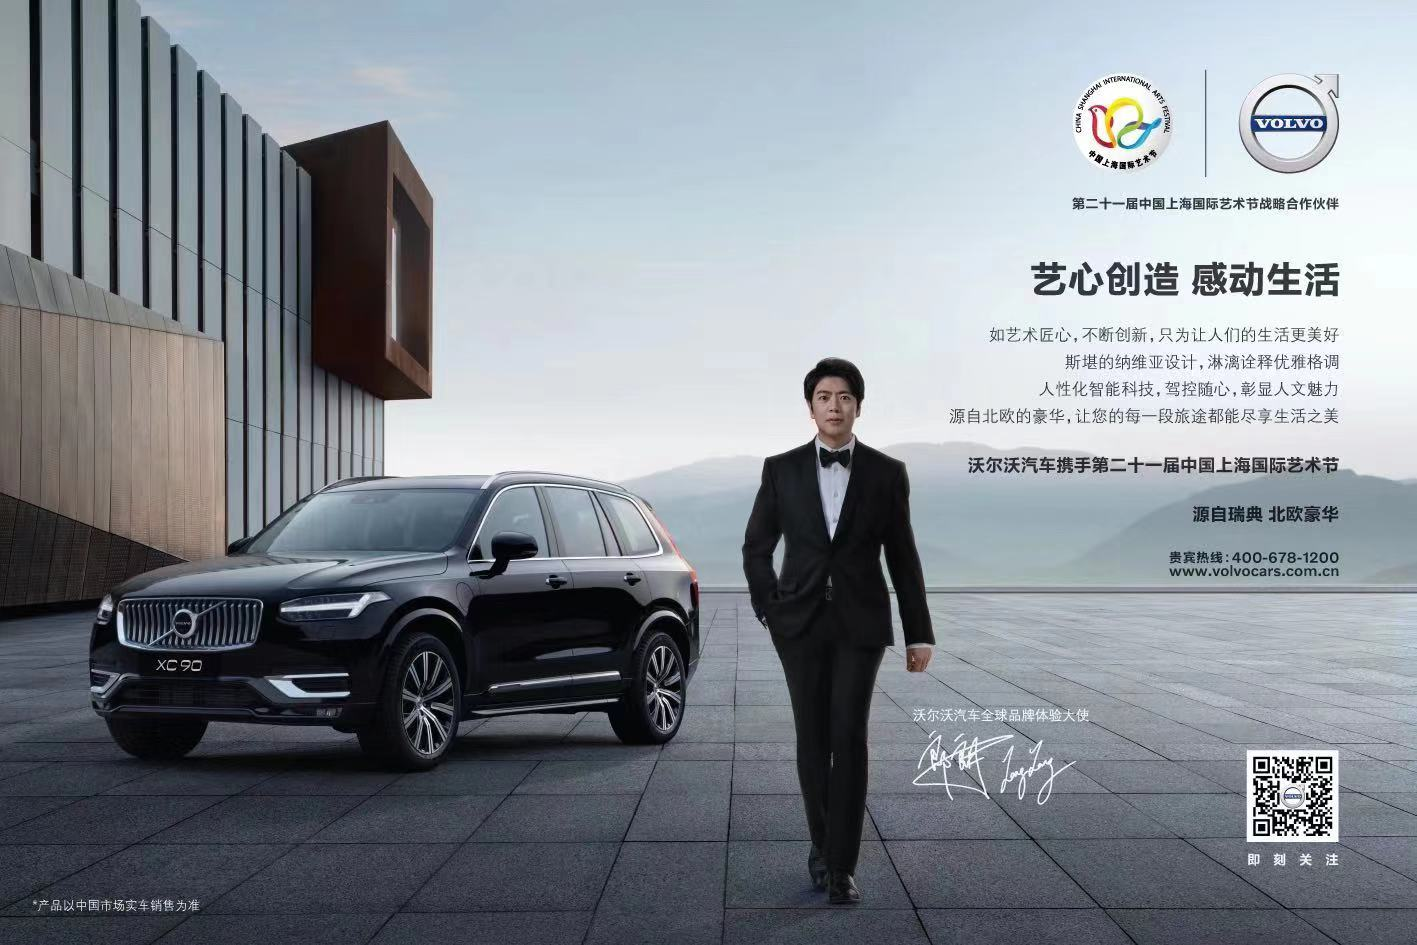 艺心创造 感动生活 沃尔沃汽车鼎力支持第二十一届中国上海国际艺术节